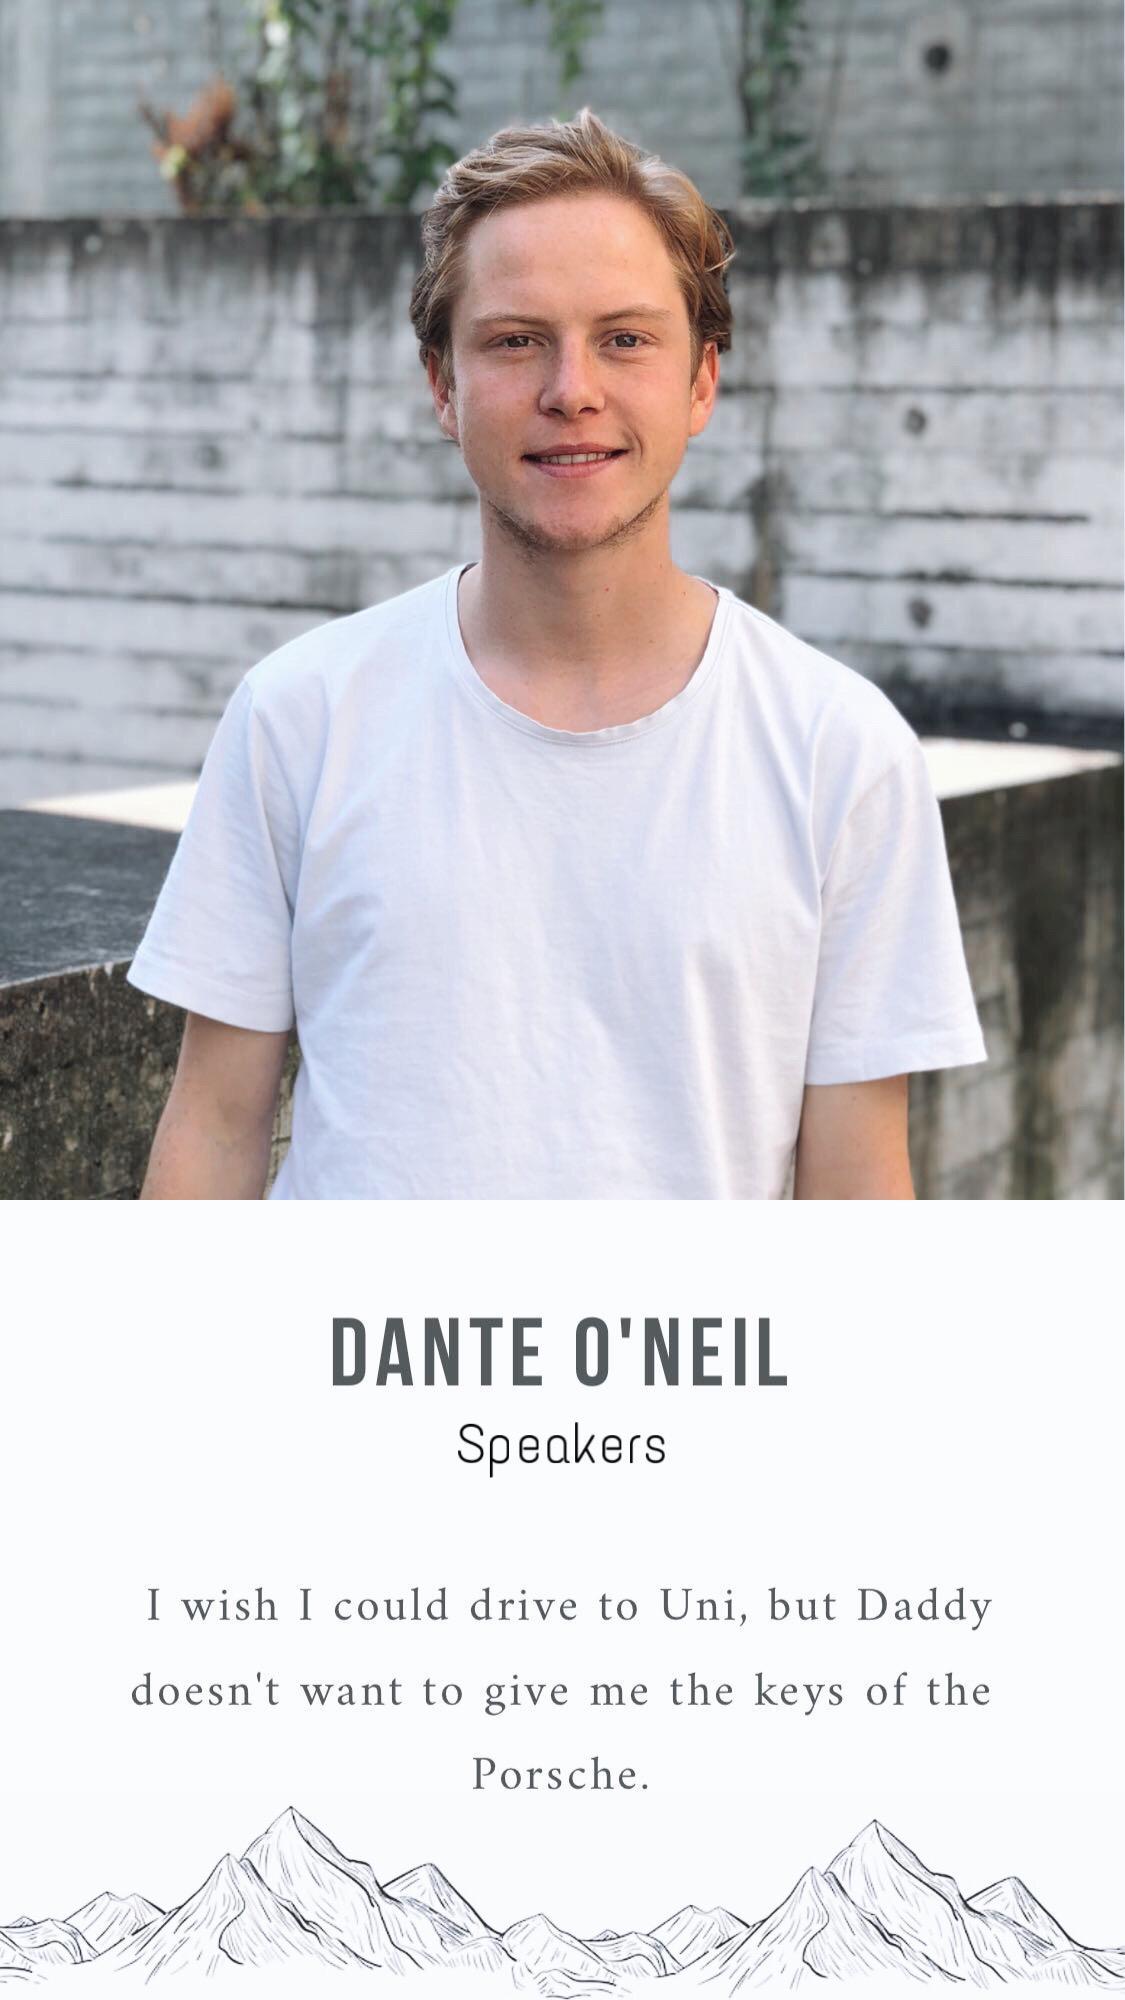 Speakers, Dante oneil.jpg